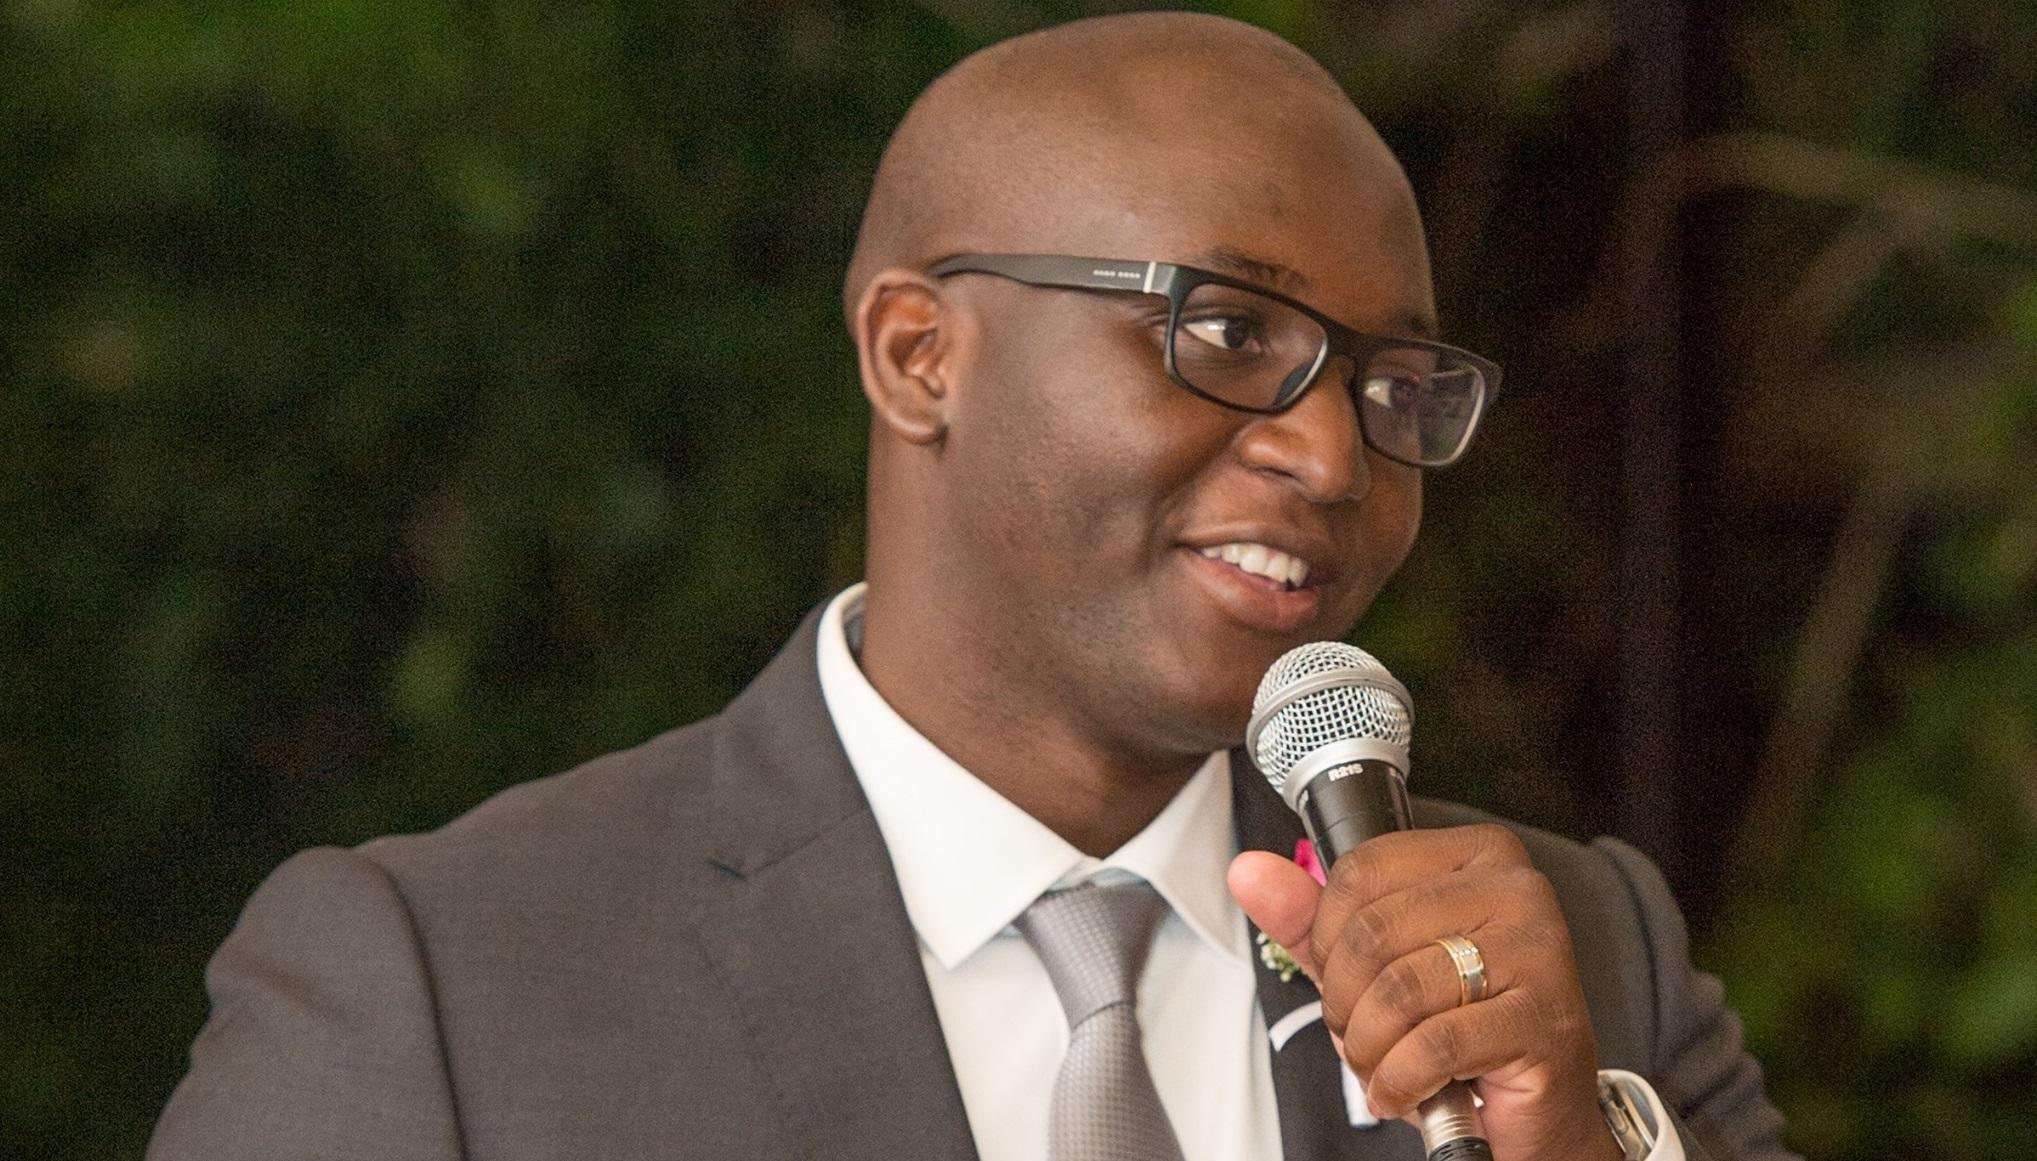 Yannick Nzonde figure parmi les entrepreneurs de moins 30 ans les plus prometteurs d'Afrique.